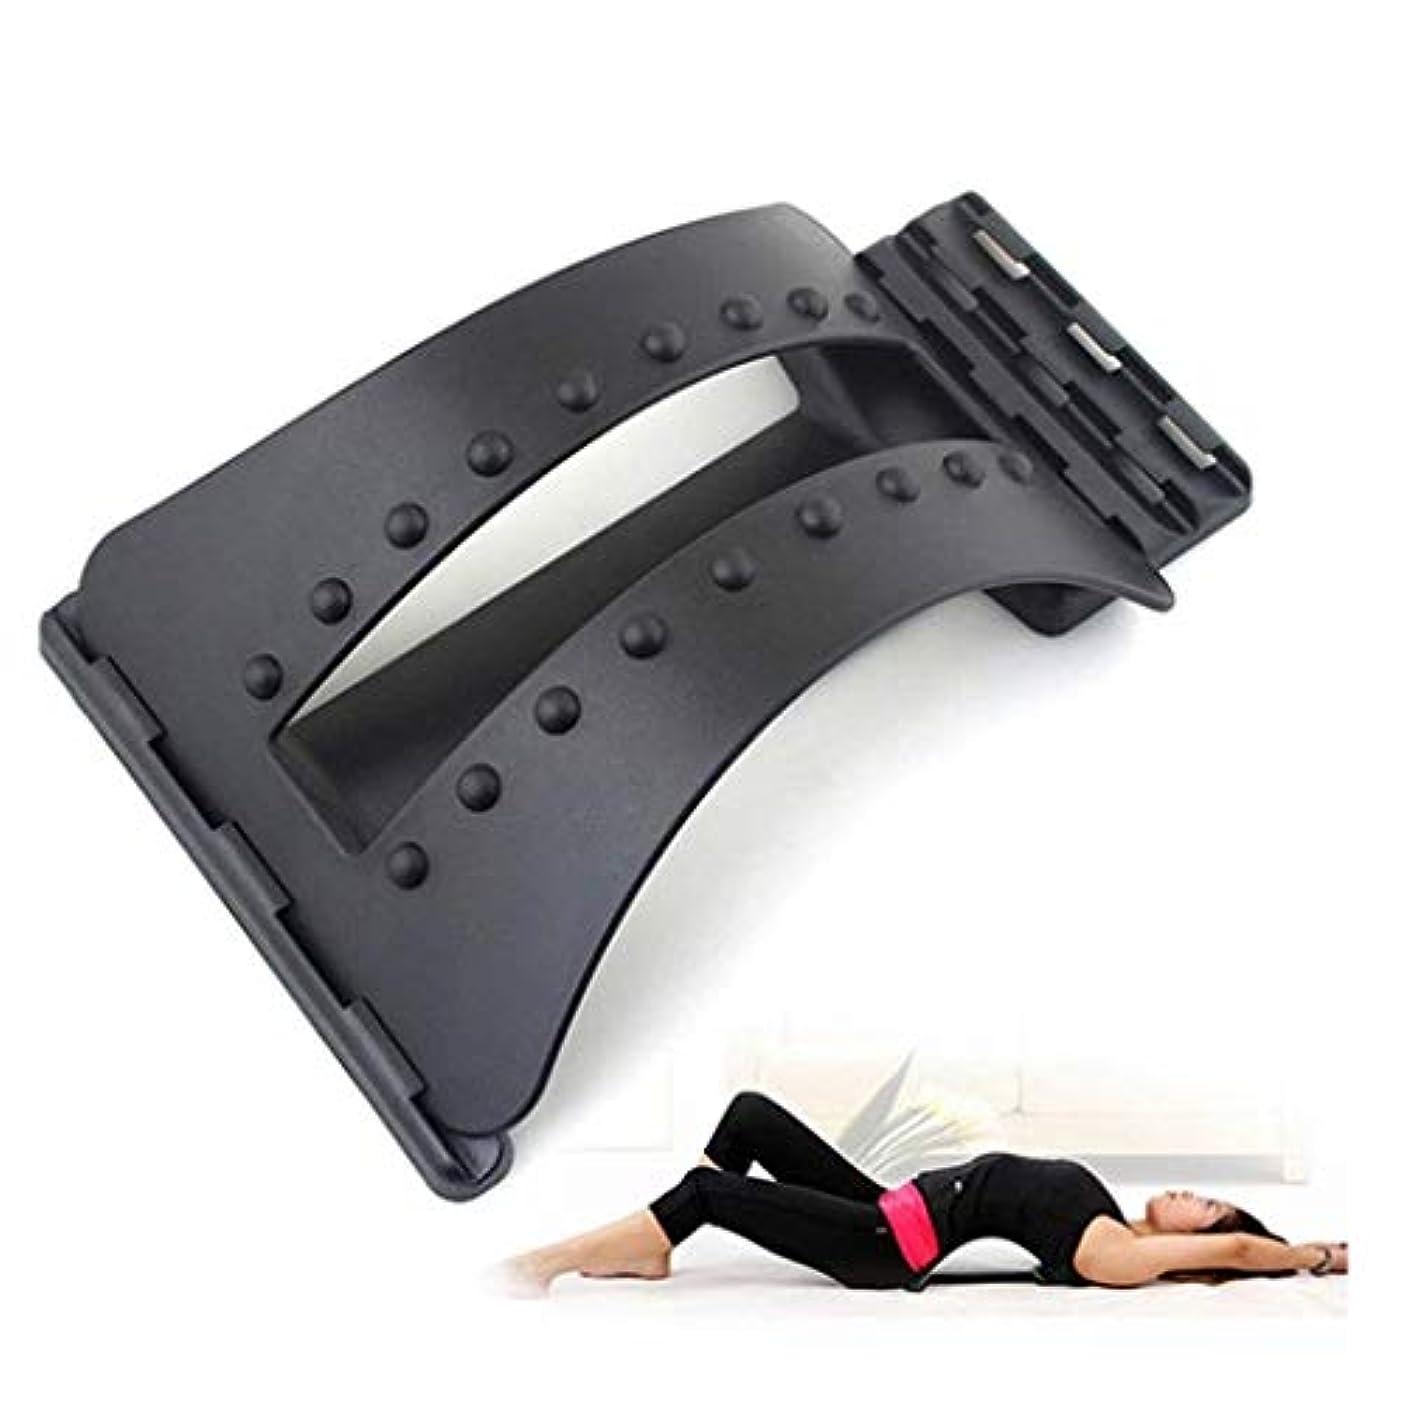 花瓶ぎこちない早いバックマッサージ、マジックバックサポートとストレッチストレッチャーマジックストレッチャーバックストレッチャー腰椎サポートデバイスリラクゼーションパートナー脊椎の痛みを軽減する脊椎マッサージ療法